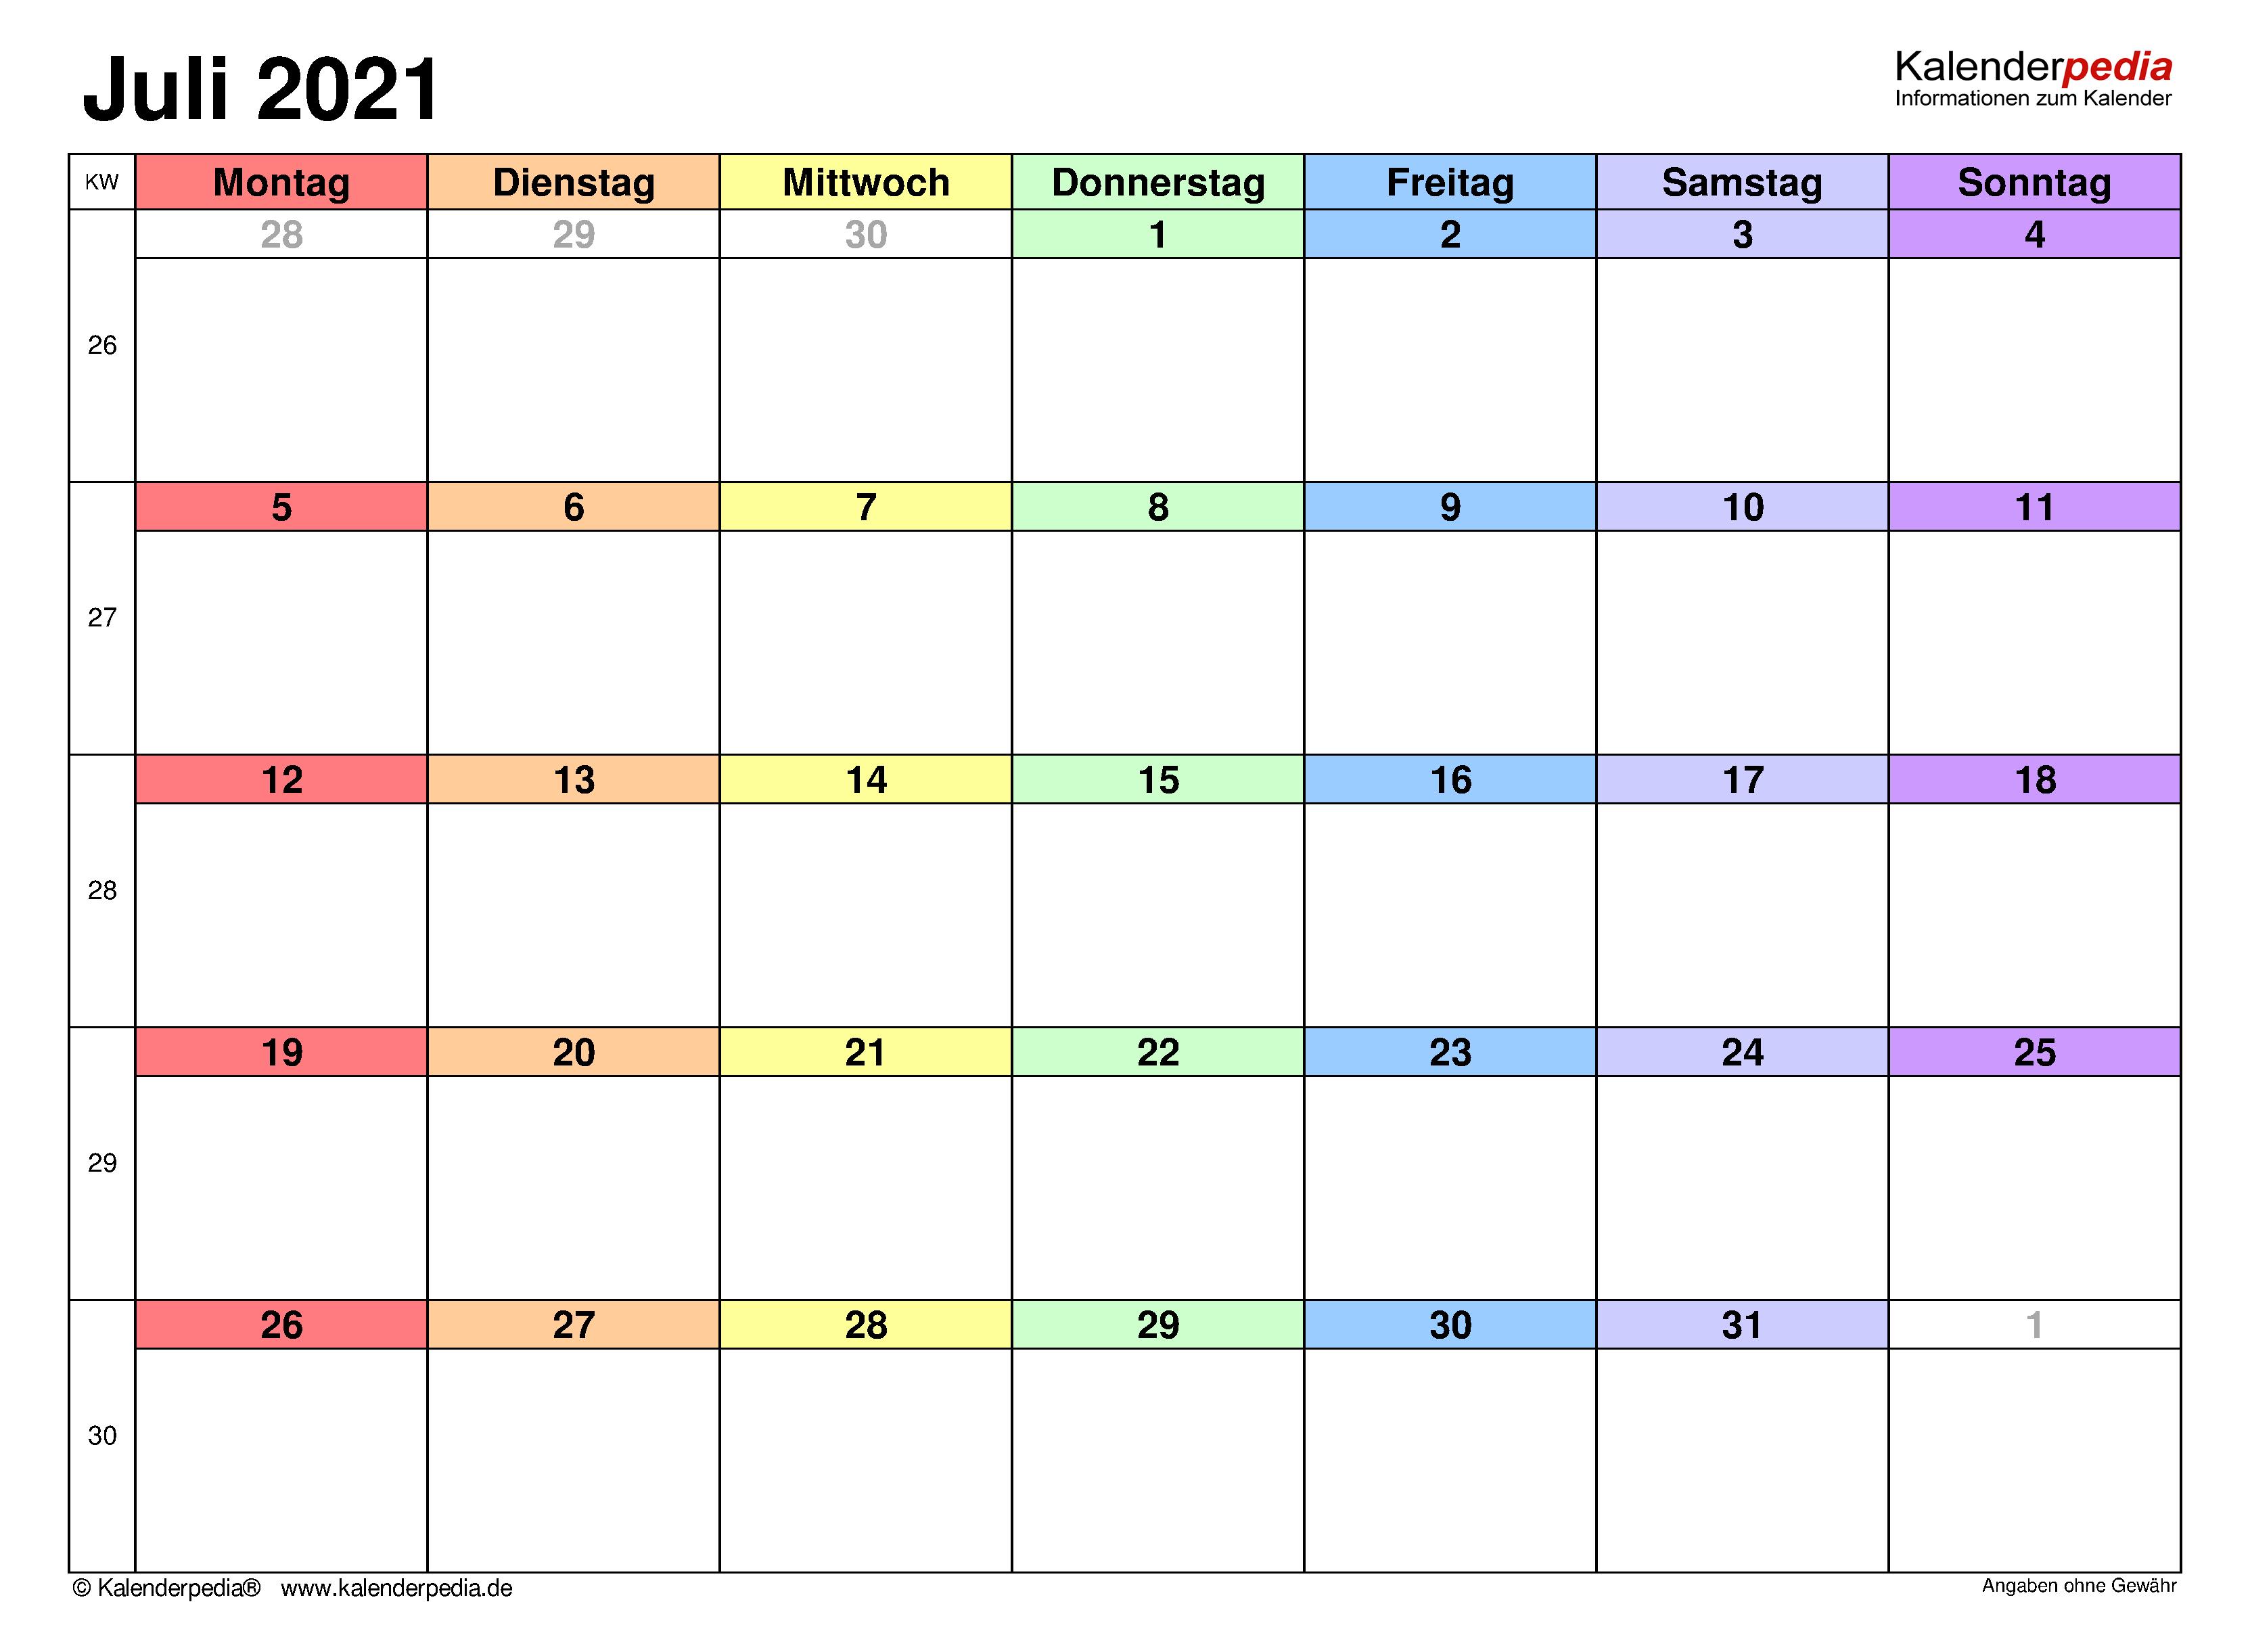 Kalender Juli 2021 als Word-Vorlagen